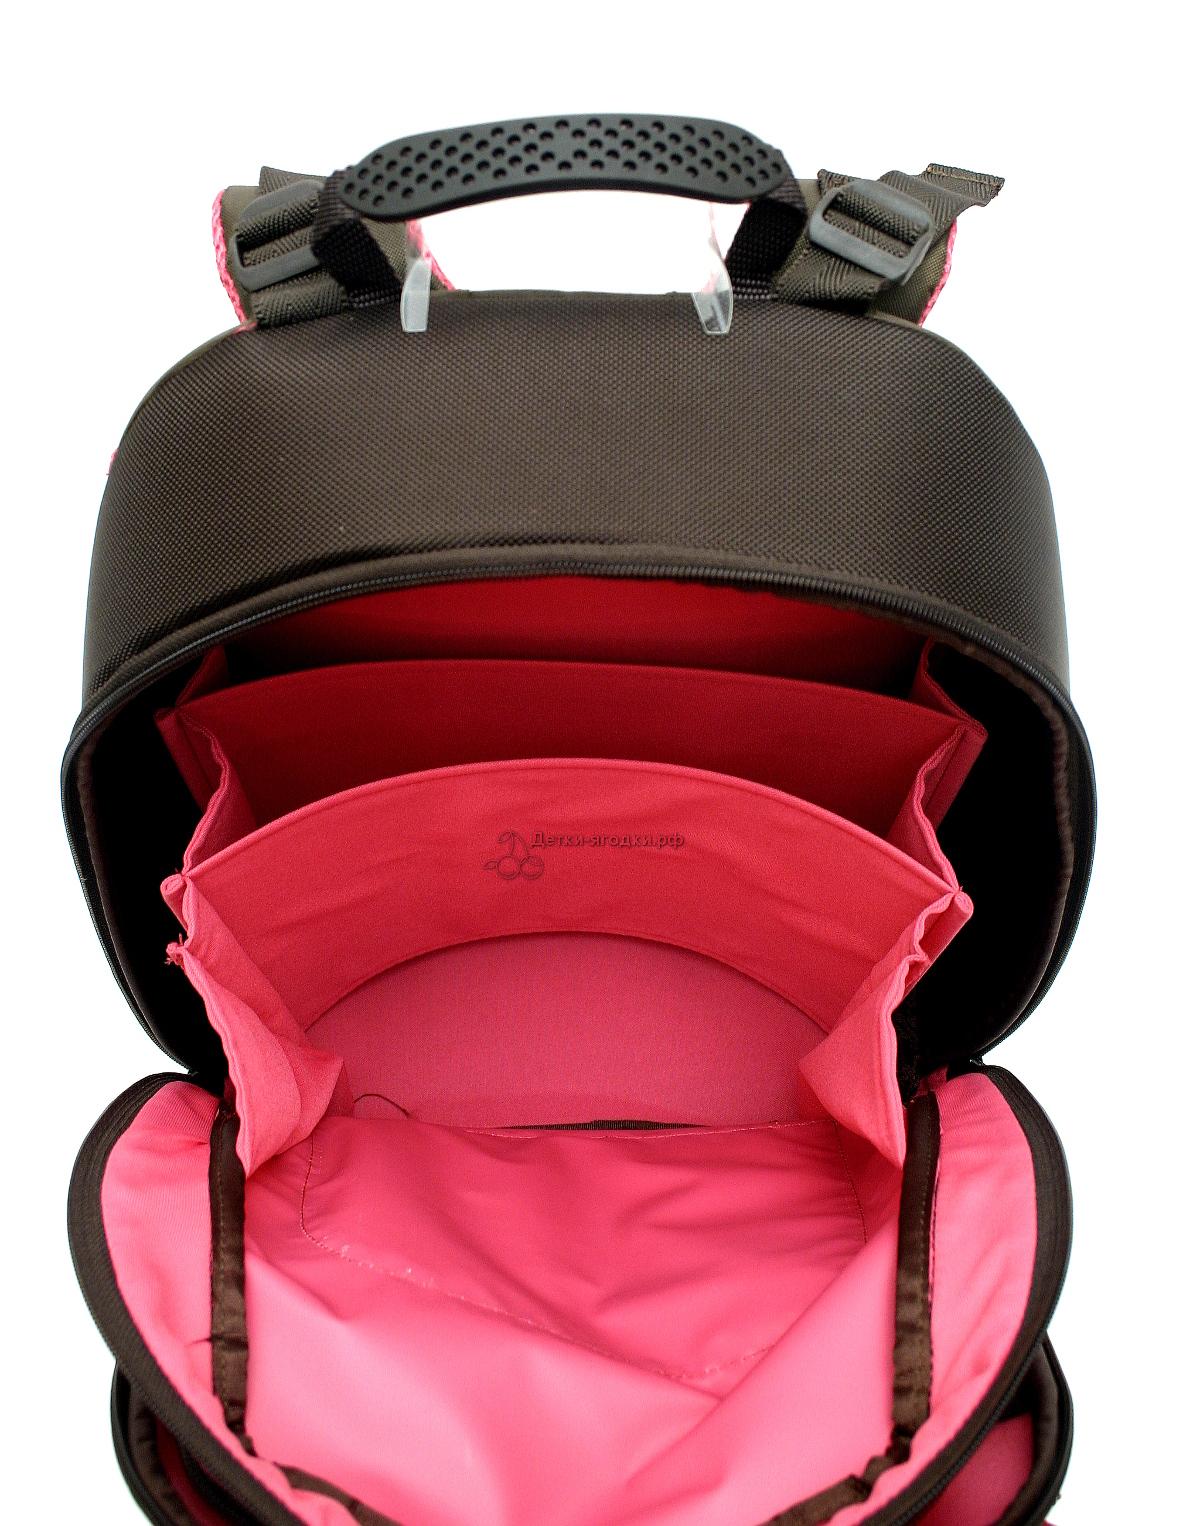 Школьный рюкзак Хамминберд T82 официальный, - фото 7